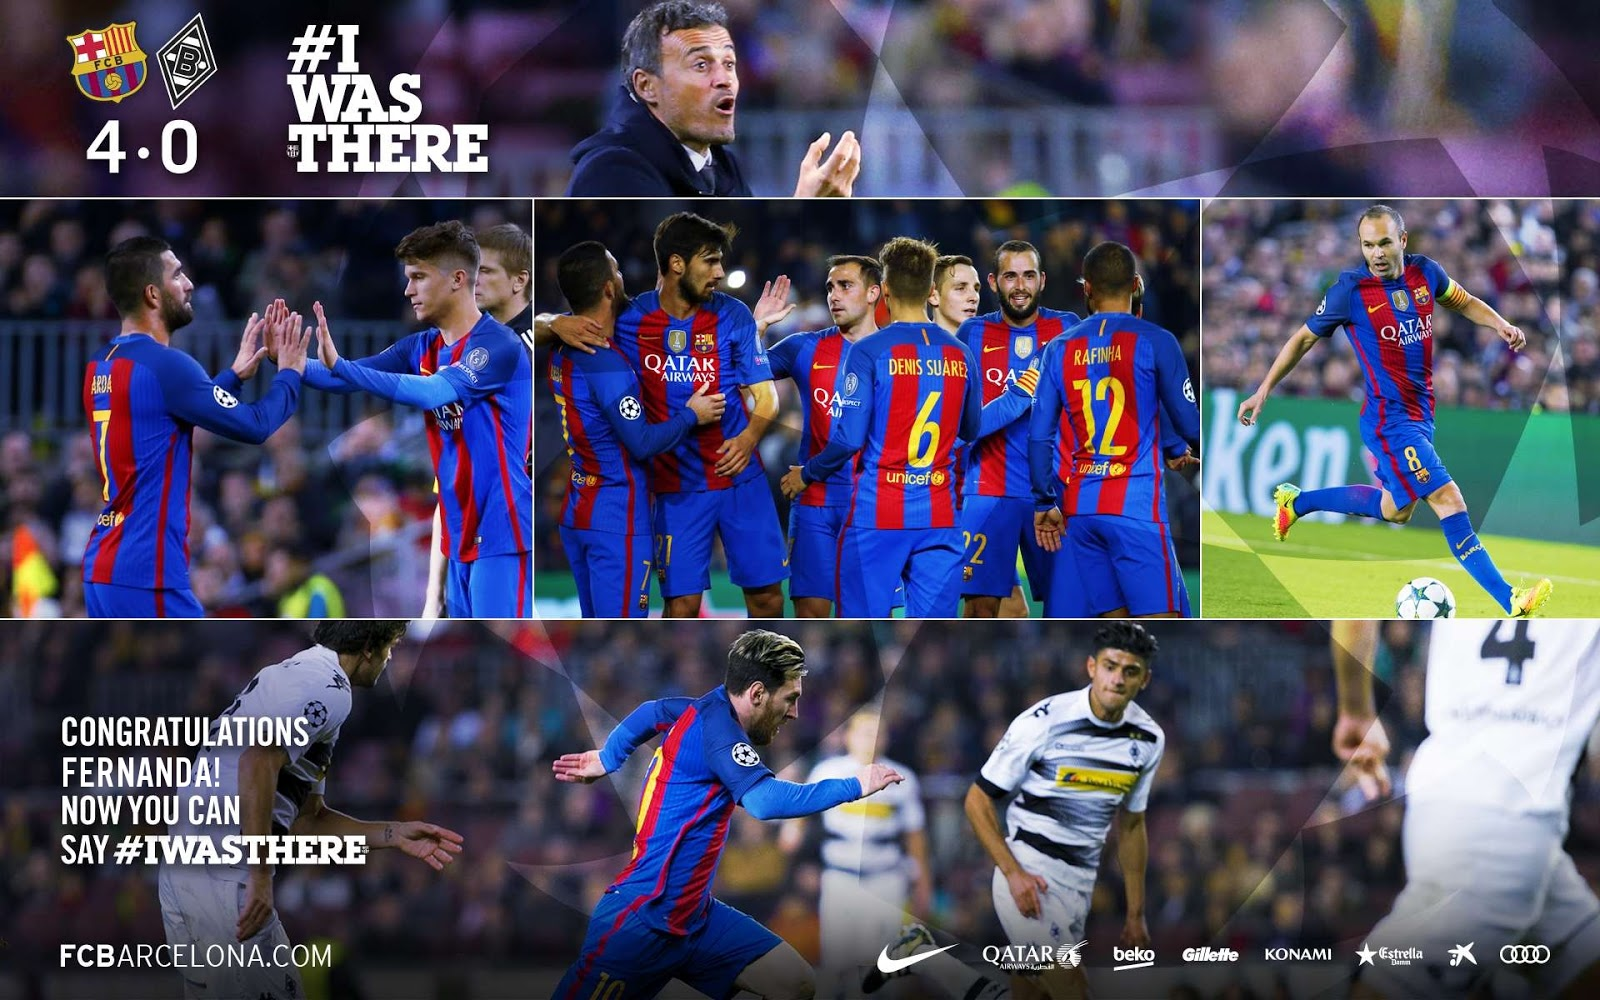 c1712900b0c83 Tá indo pra onde   Como é ver um jogo do Barça no Camp Nou!